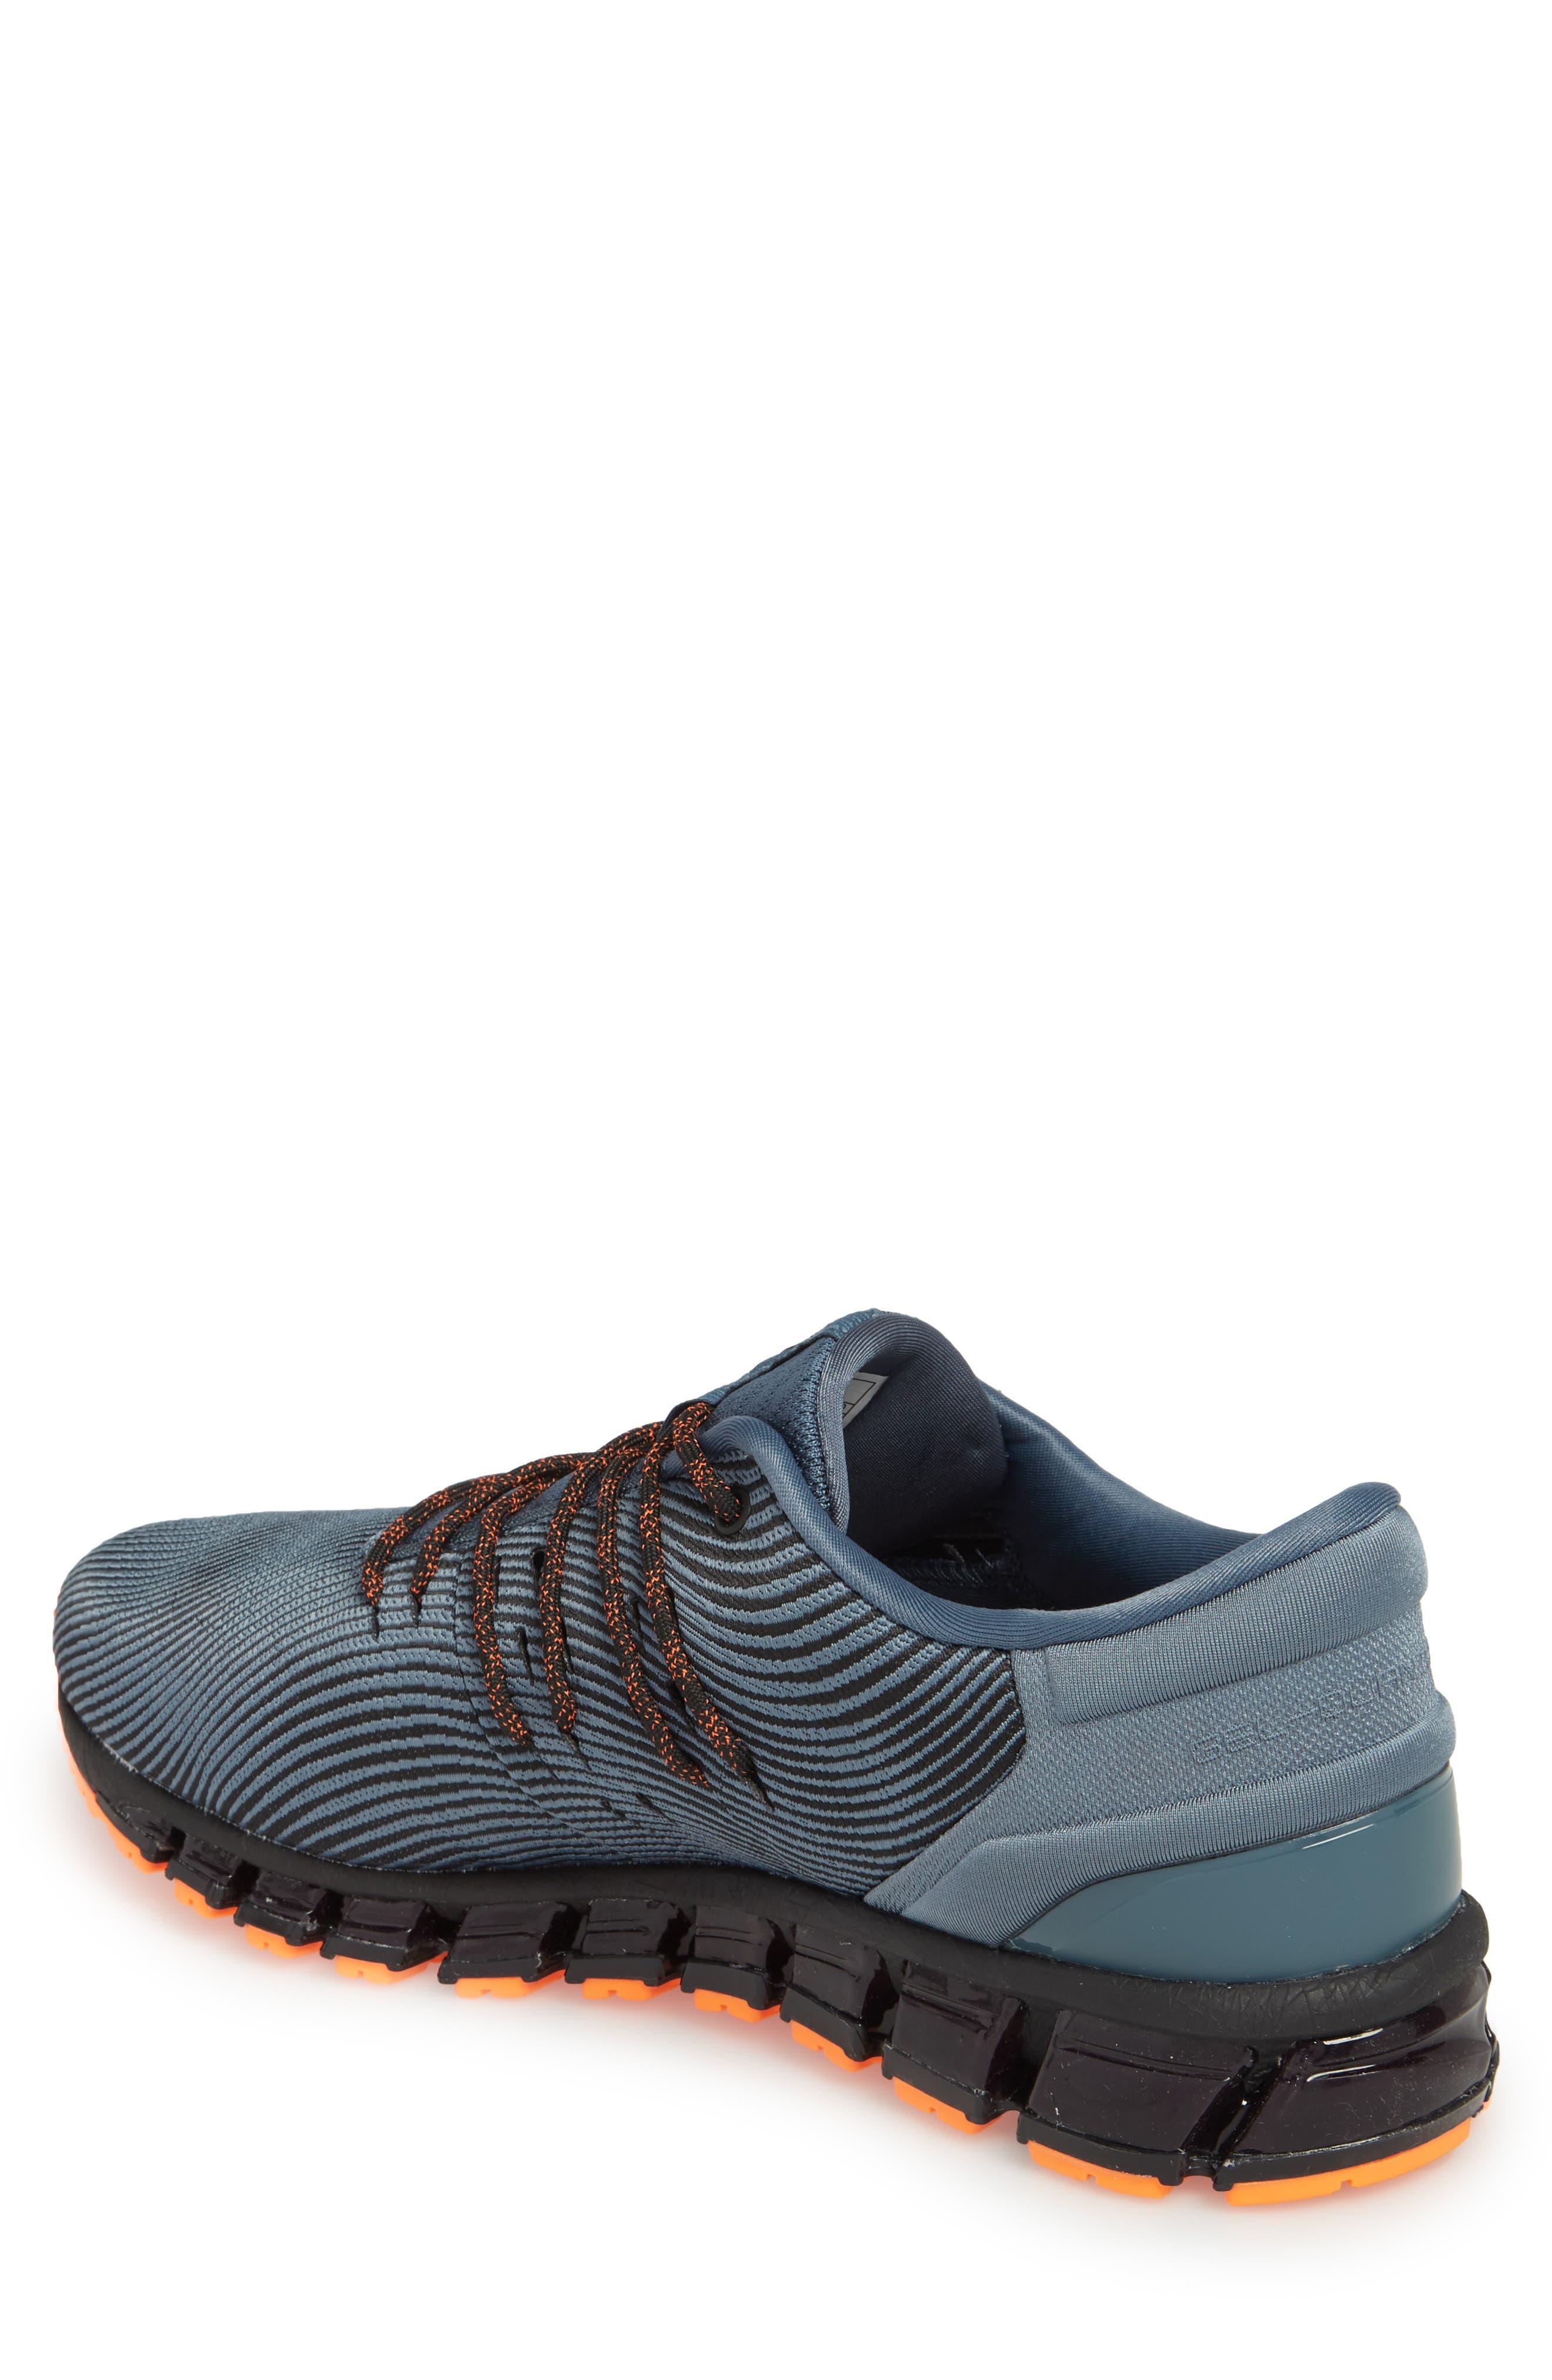 GEL-Quantum 360 4 Running Shoe,                             Alternate thumbnail 2, color,                             IRON CLAD/ BLACK